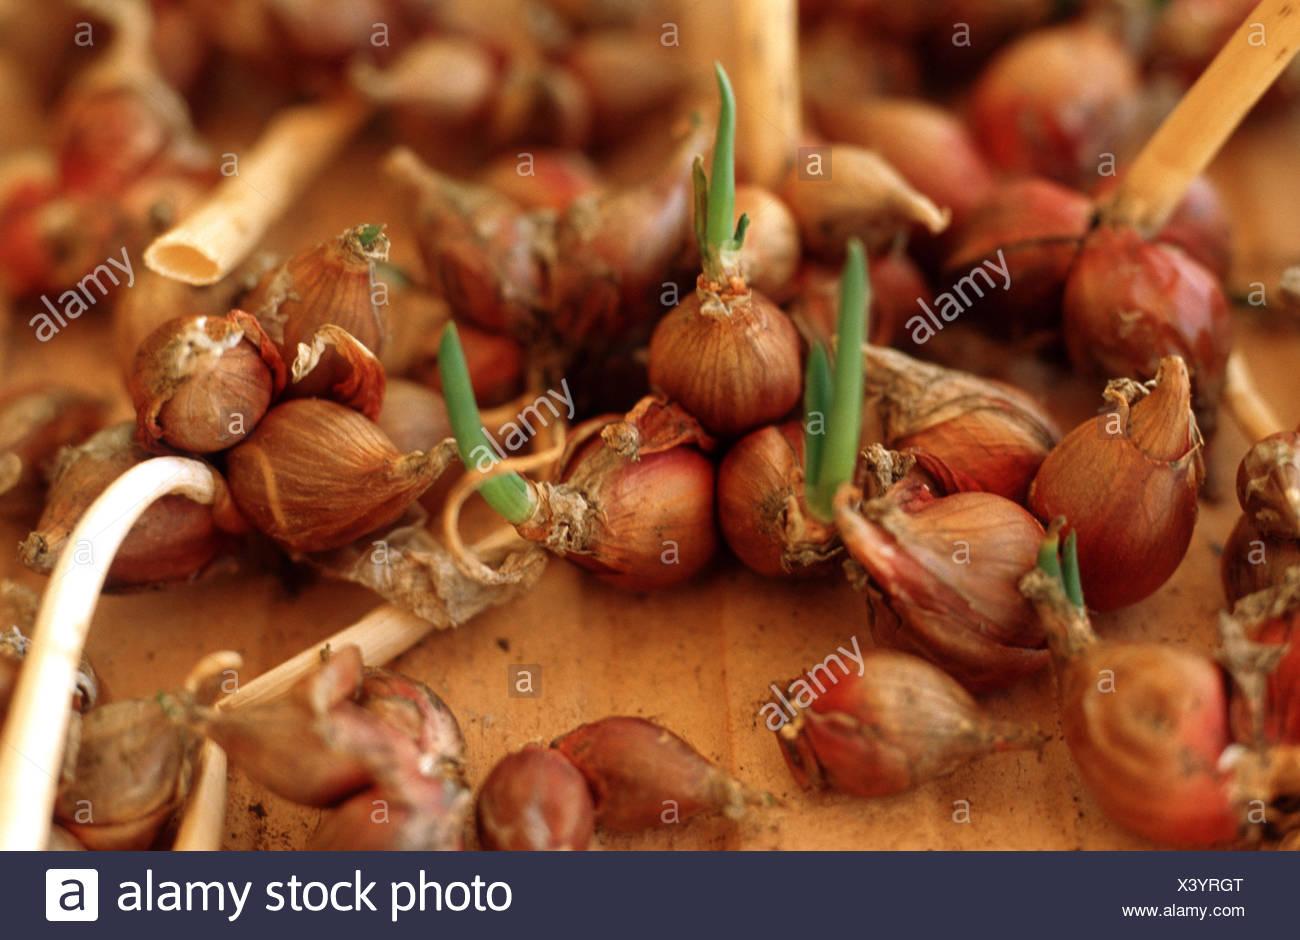 Kartoffel-Zwiebel (Allium Cepa var. Proliferum, Allium Cepa Proliferum), sprießen Lampen Stockbild